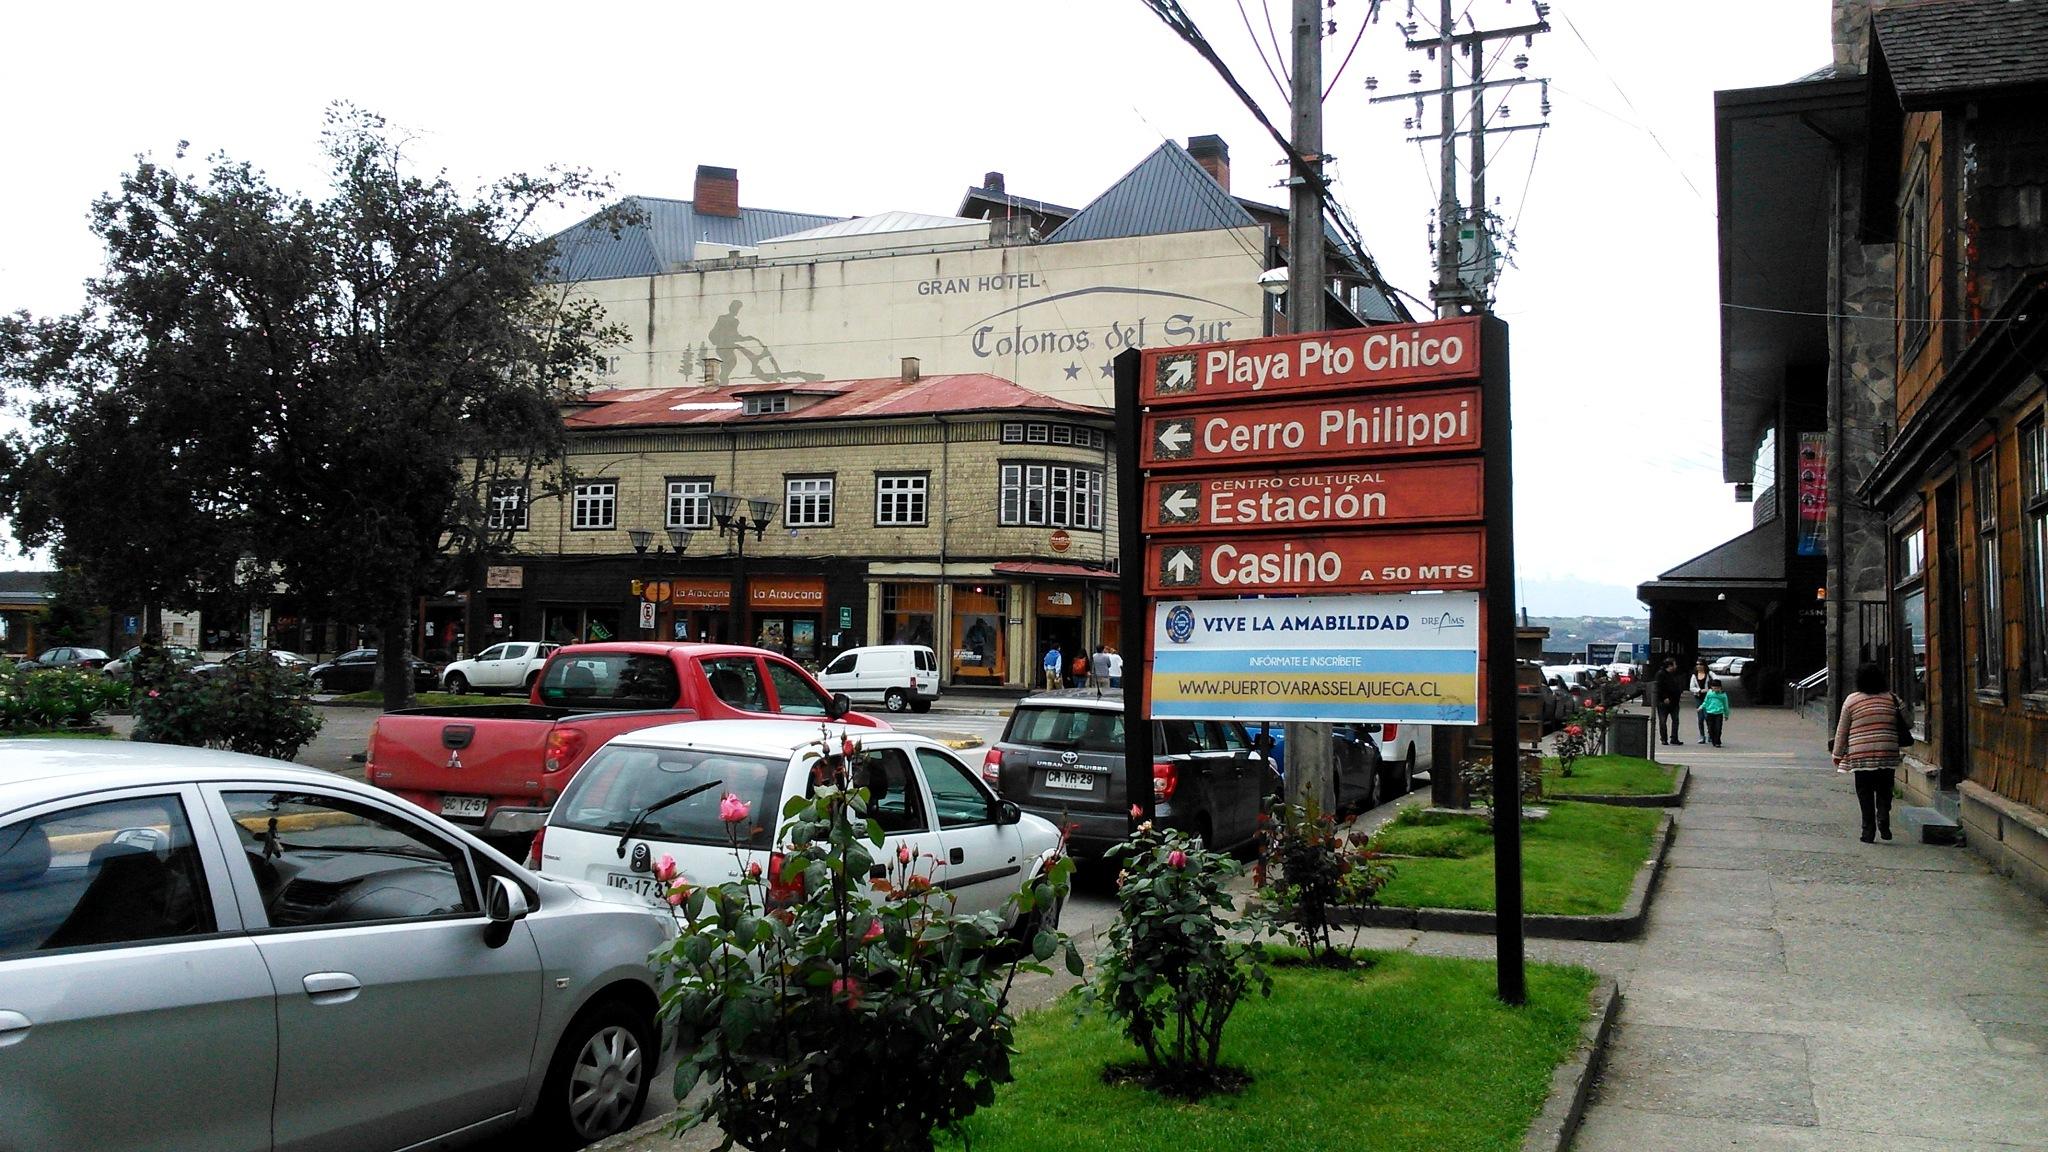 (0747) Puerto Varas, X Región de Los Lagos, Chile by Patricio Cabezas